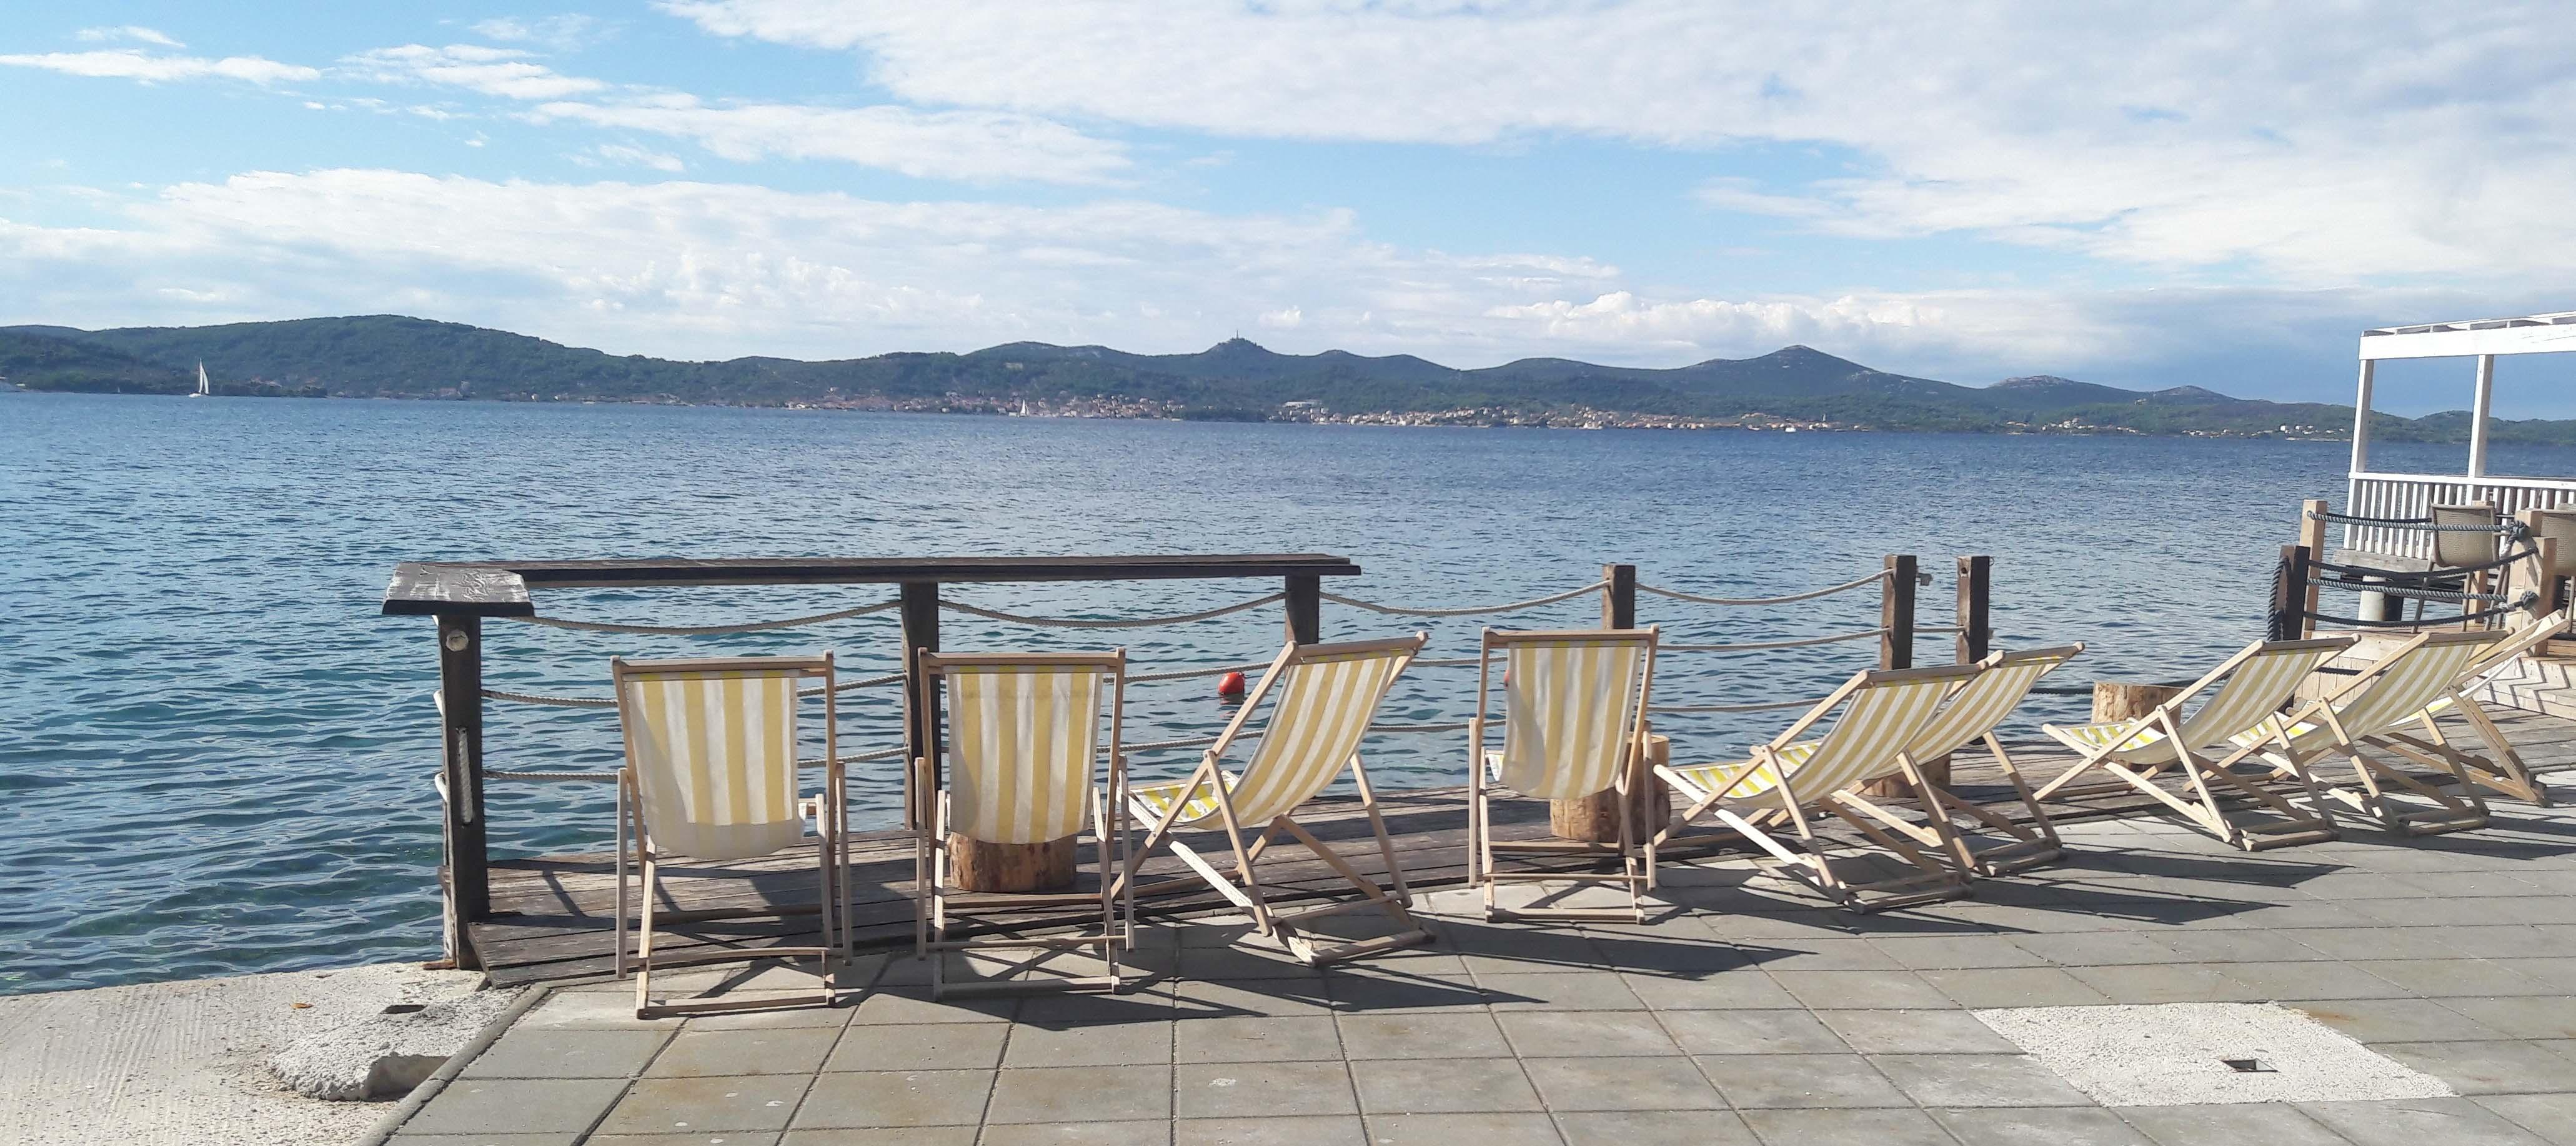 Quelques jours à Zadar - des transats rayés jaunes et blancs en bord de mer